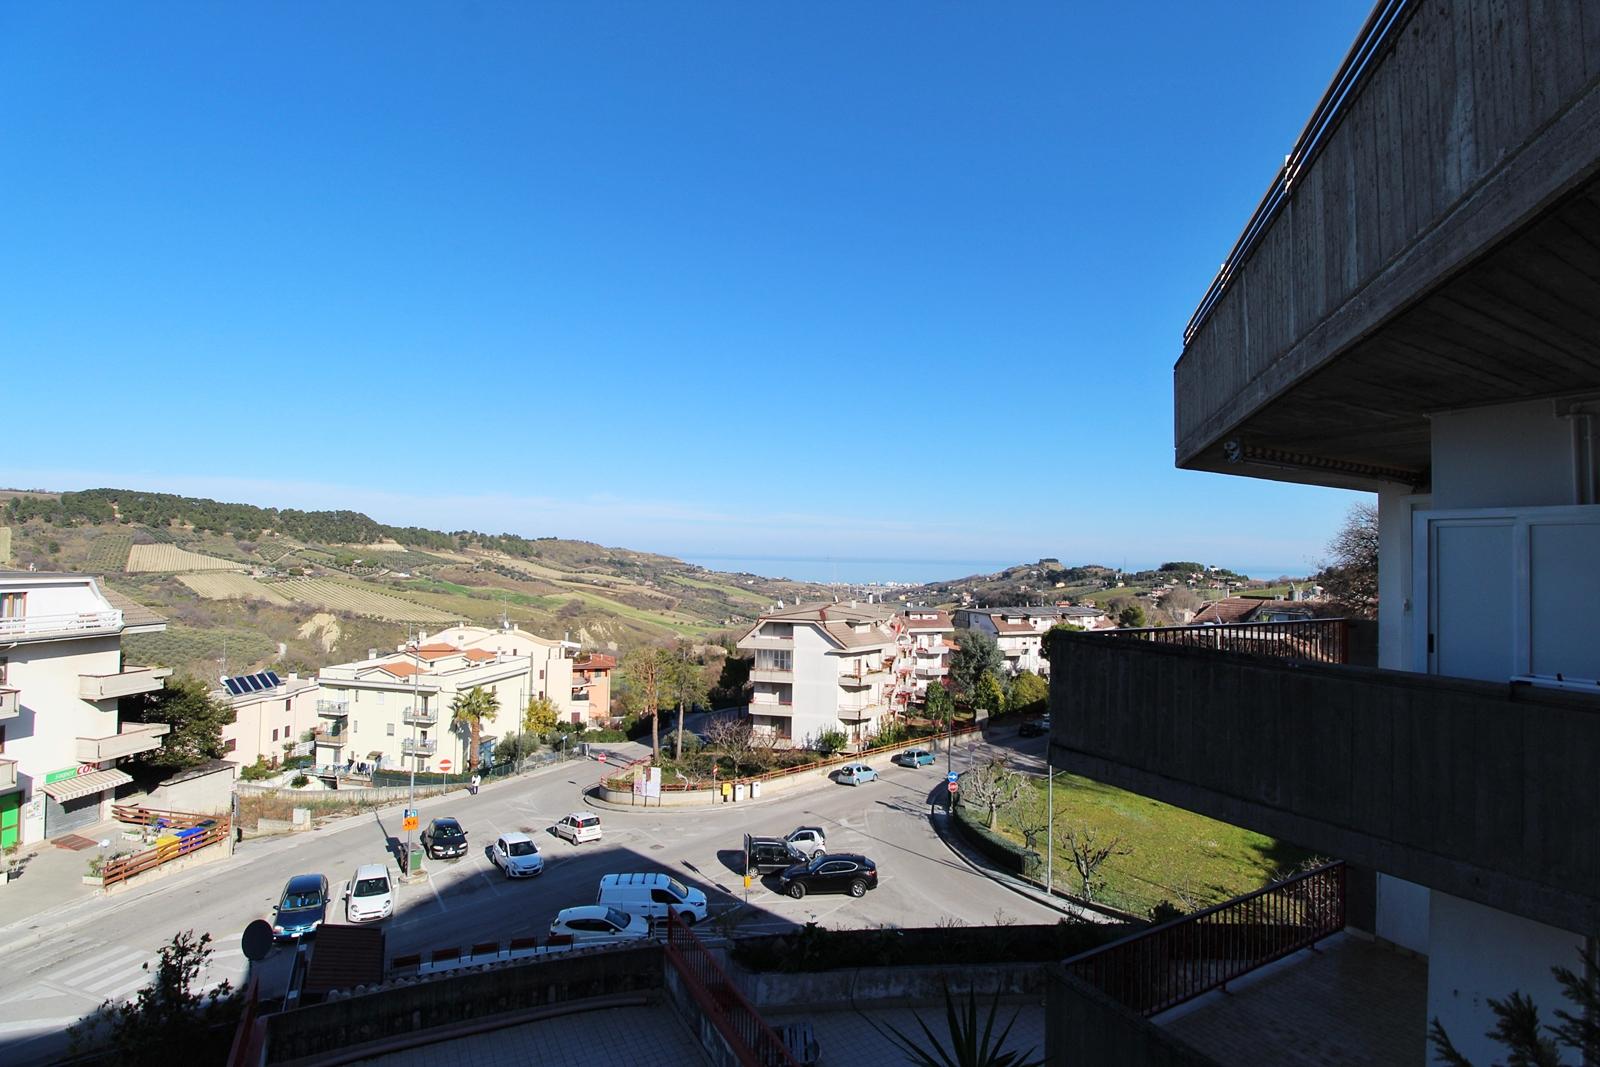 Appartamento in vendita a Monteprandone, 5 locali, zona Località: Collinare, prezzo € 105.000   PortaleAgenzieImmobiliari.it